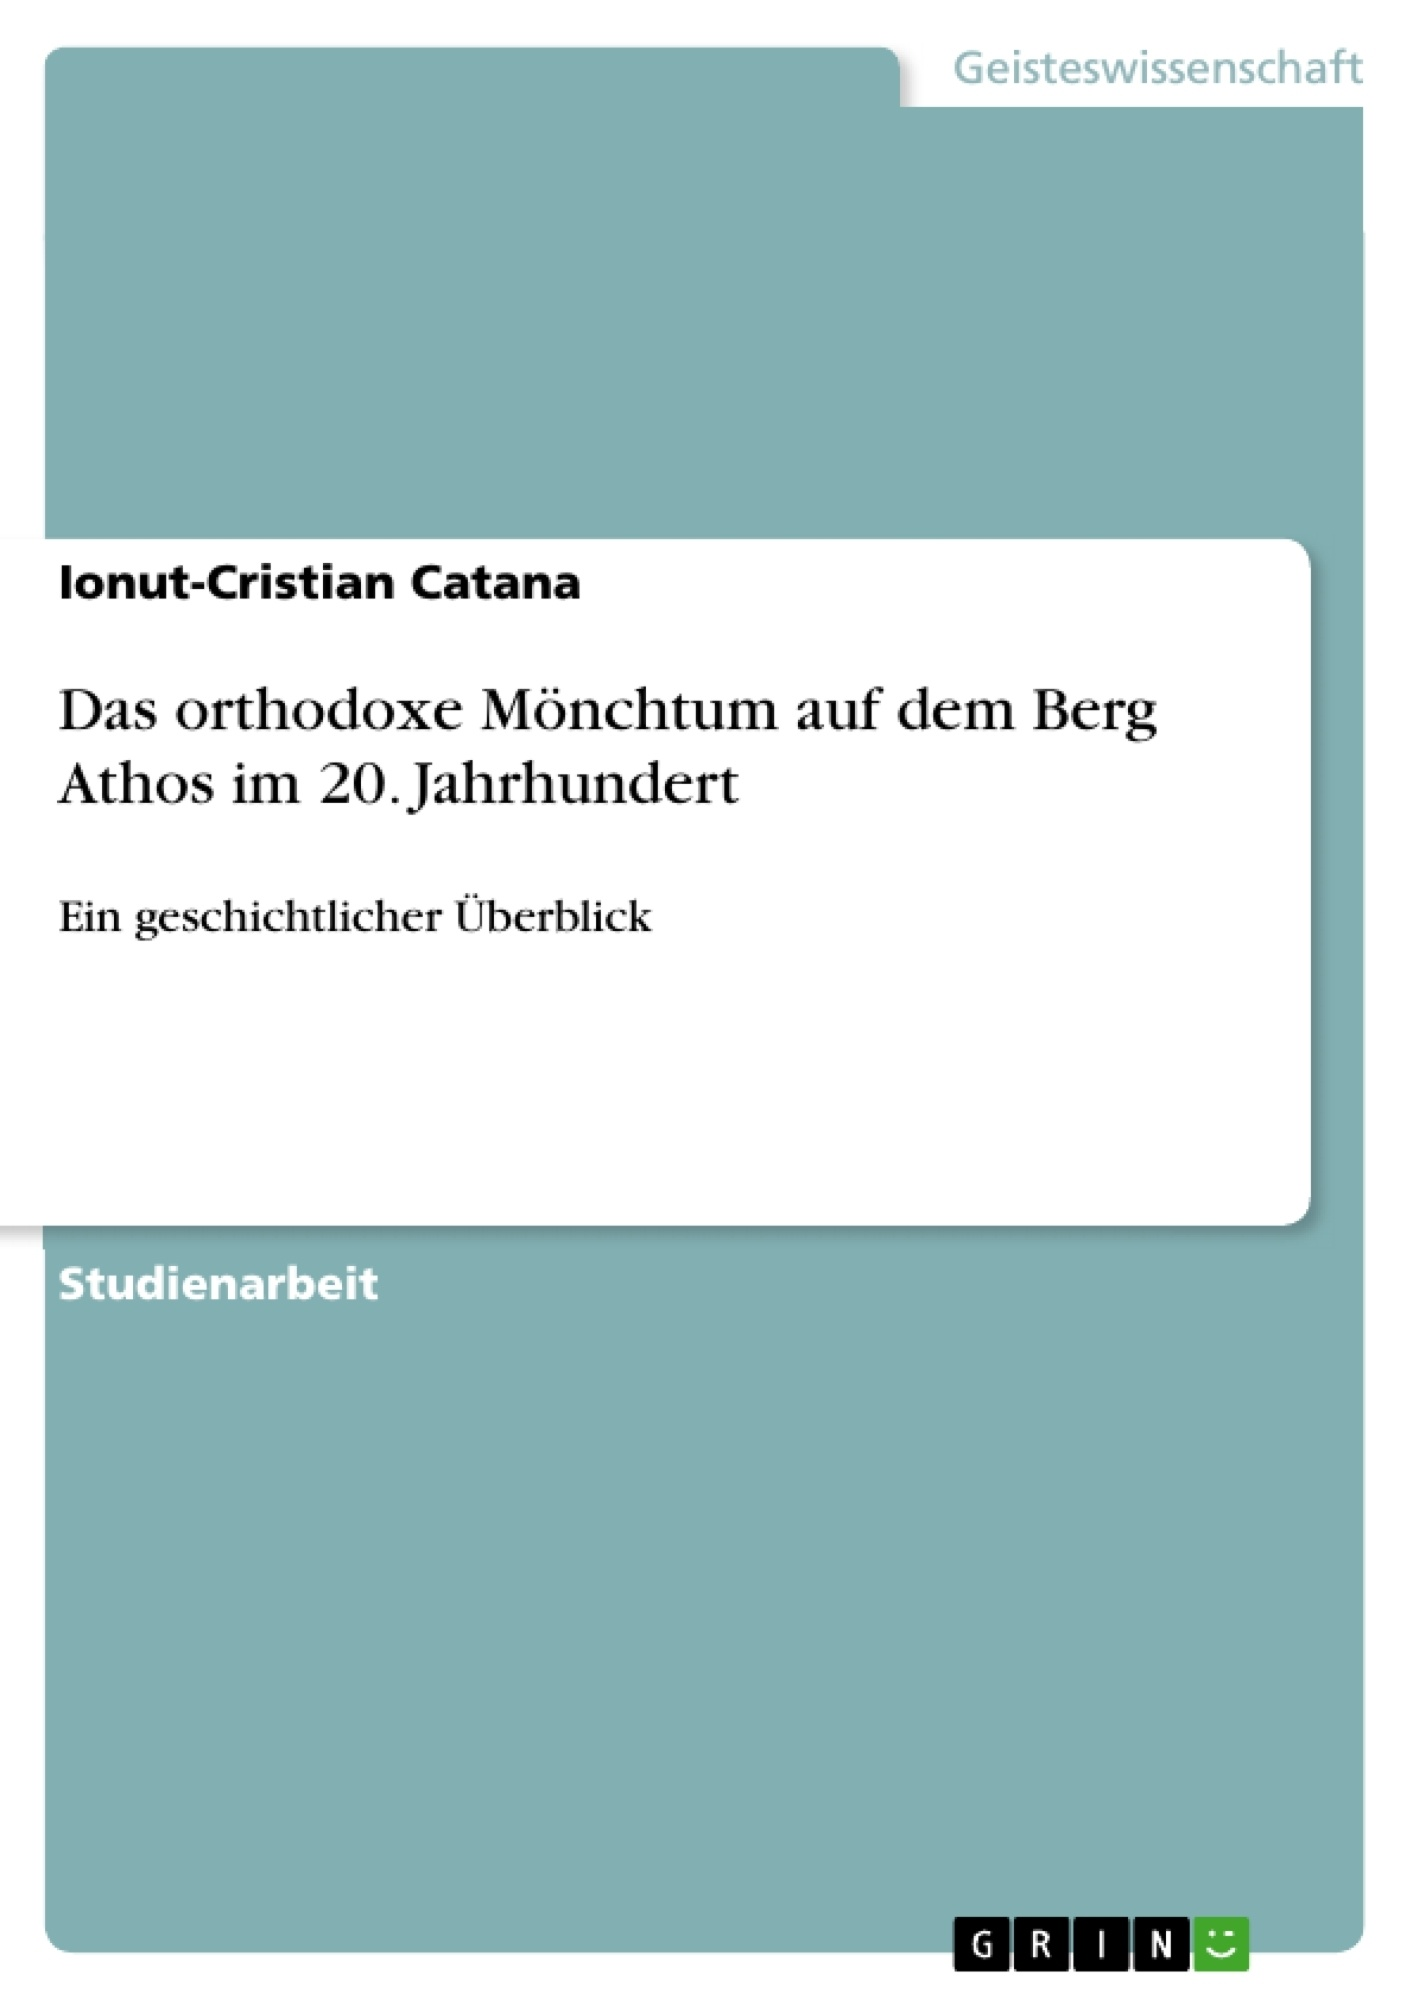 Titel: Das orthodoxe Mönchtum auf dem Berg Athos im 20. Jahrhundert